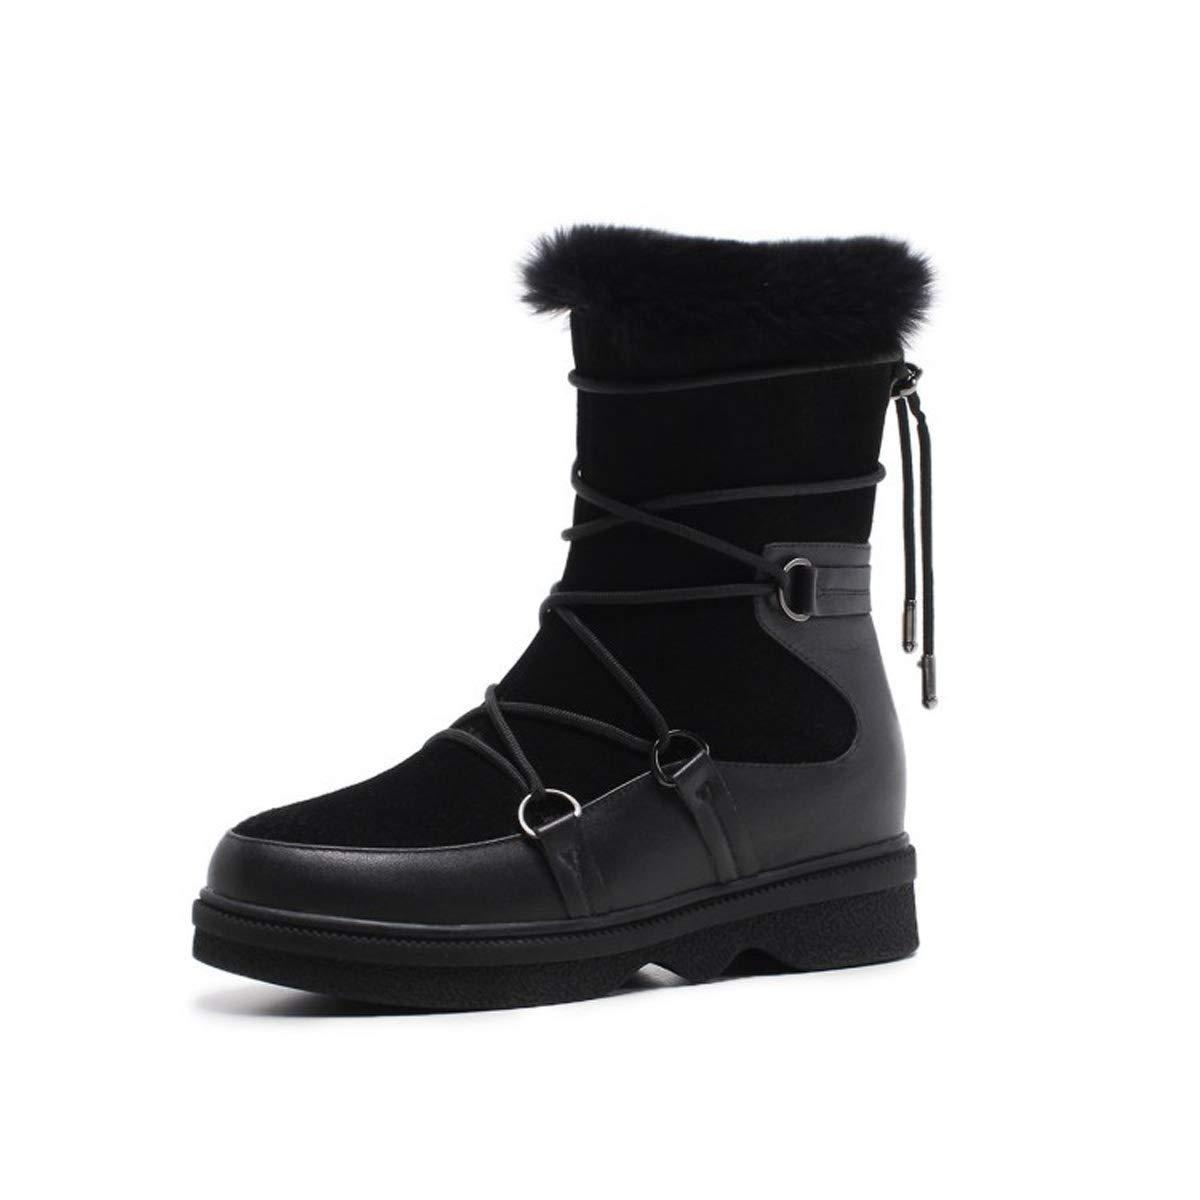 DANDANJIE Damen Schnee Stiefel Keilabsatz Mode Stiefeletten mit Schnürung Schwarz Braun für 2018 Winter